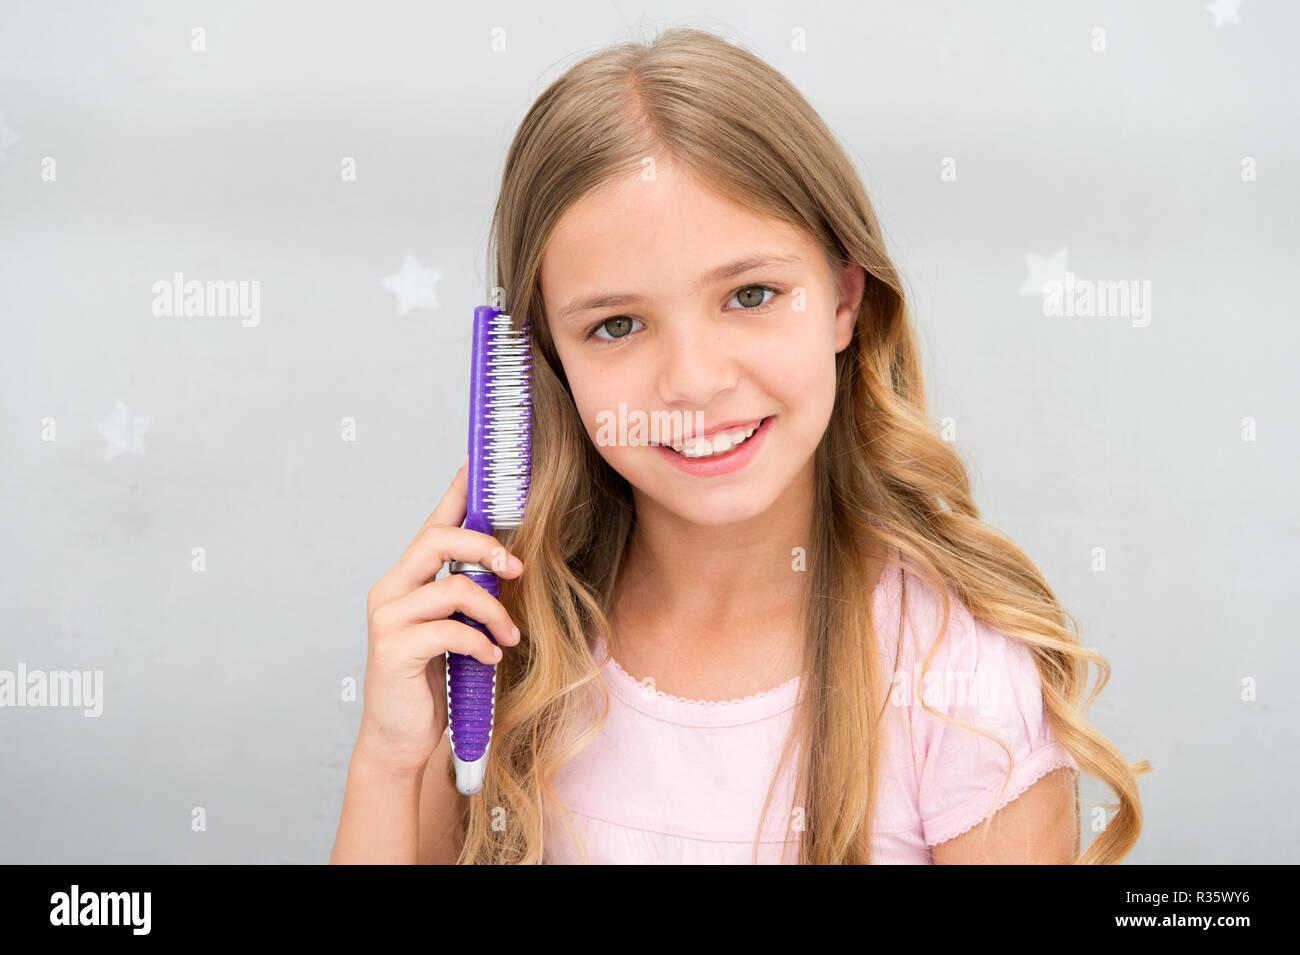 Mädchen Lange Lockige Haare Grau Innen Hintergrund Kind